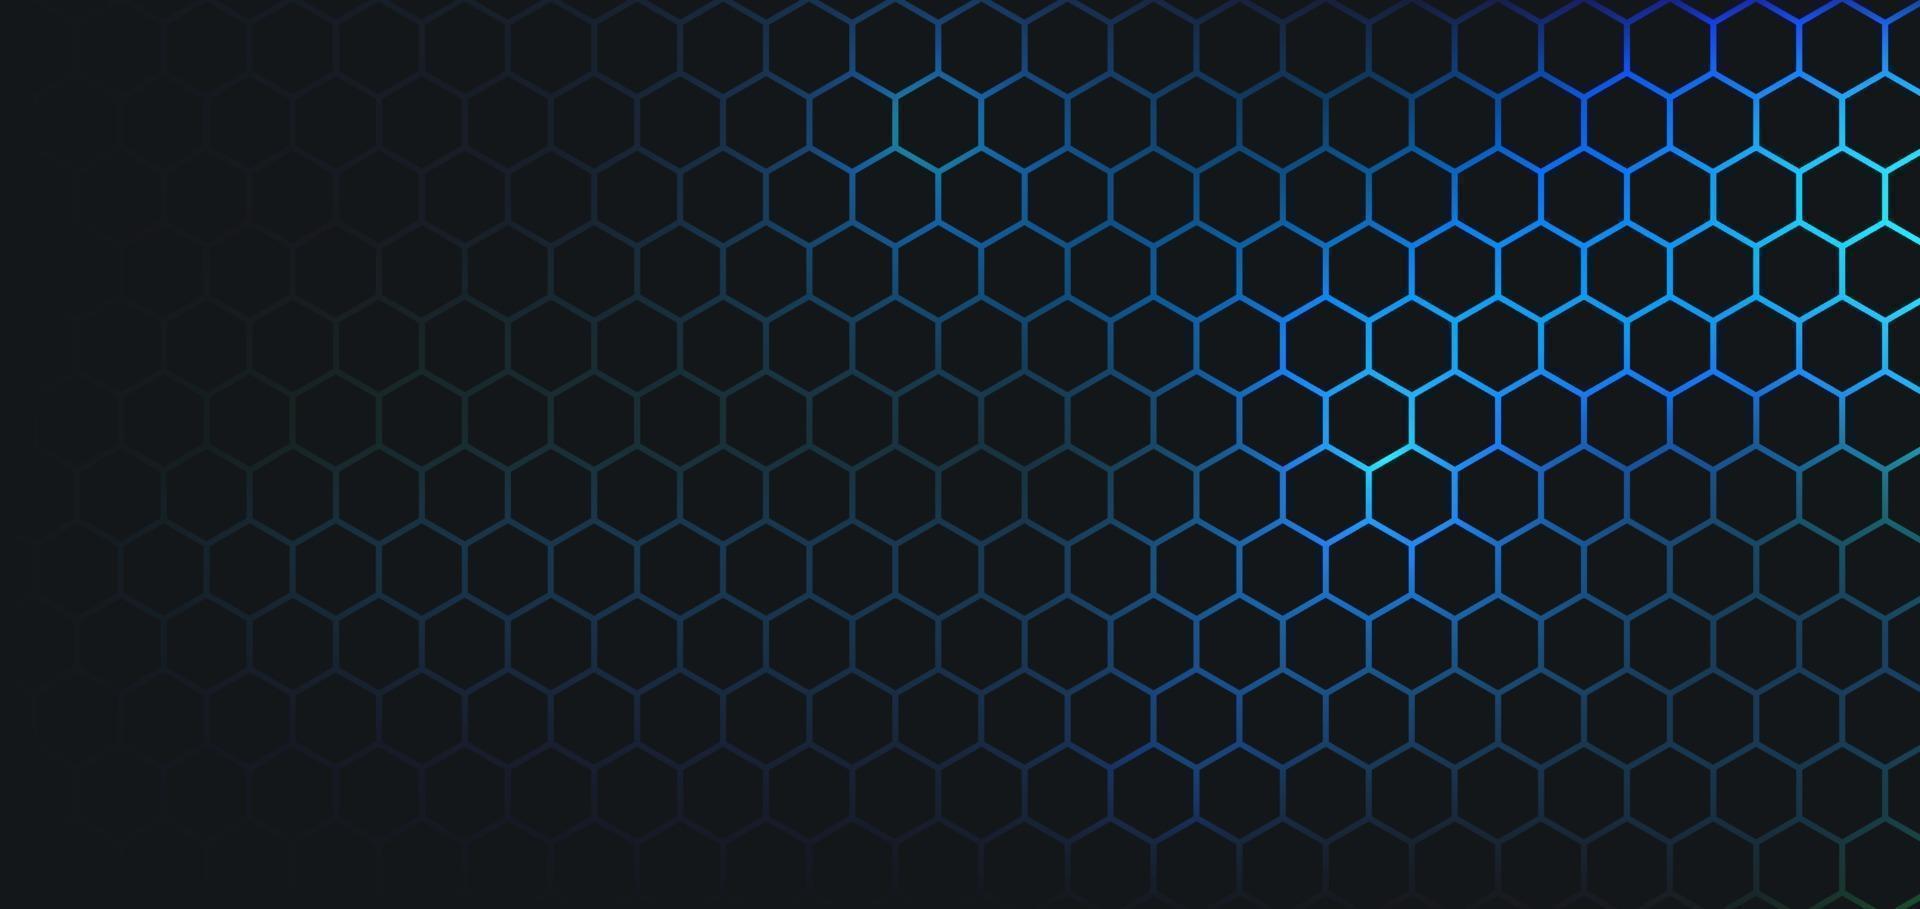 motif abstrait hexagone foncé sur le style de technologie de fond de couleur néon vert bleu. concept de nid d'abeille futuriste moderne. vous pouvez utiliser pour le modèle de couverture, l'affiche, la bannière Web, le dépliant. illustration vectorielle vecteur